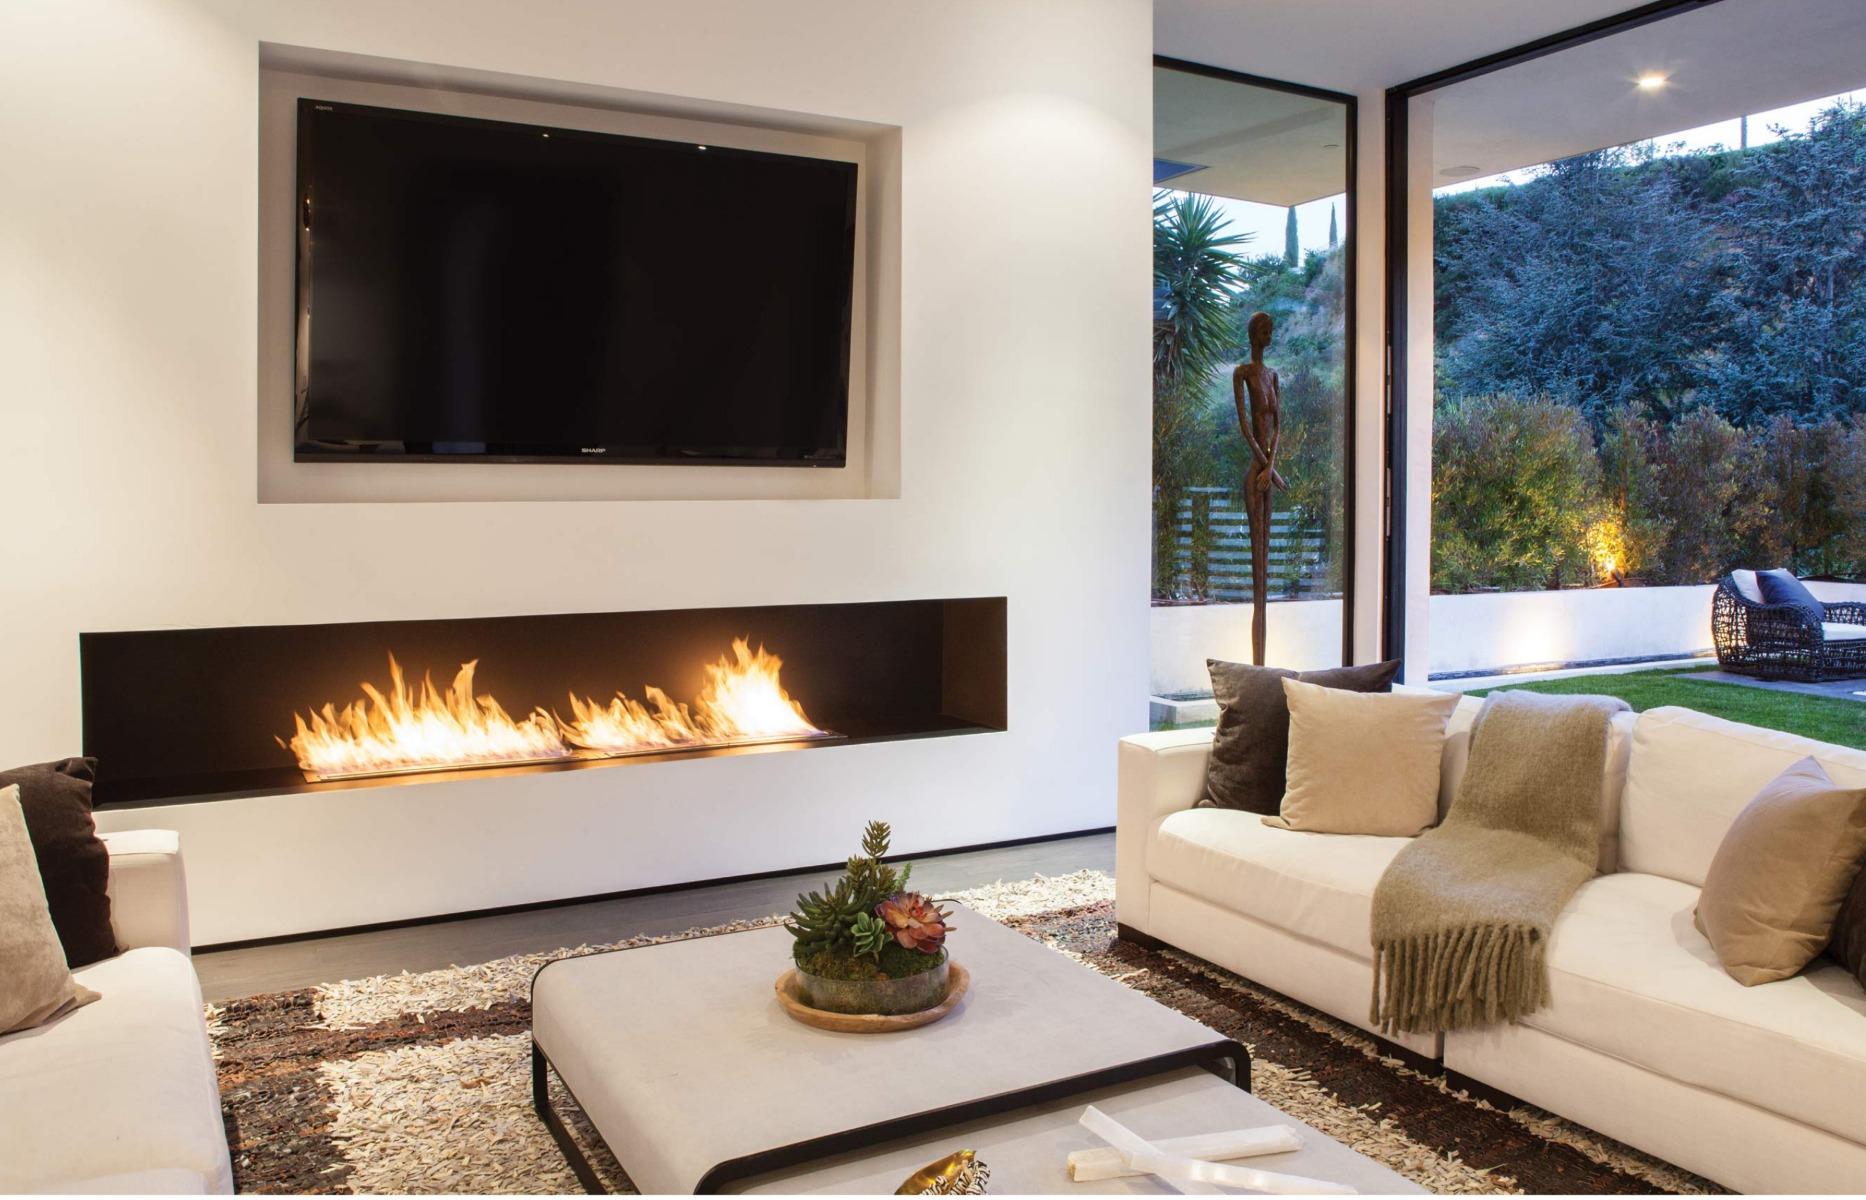 EcoSmart Fire Firebox 1200ss fireplace